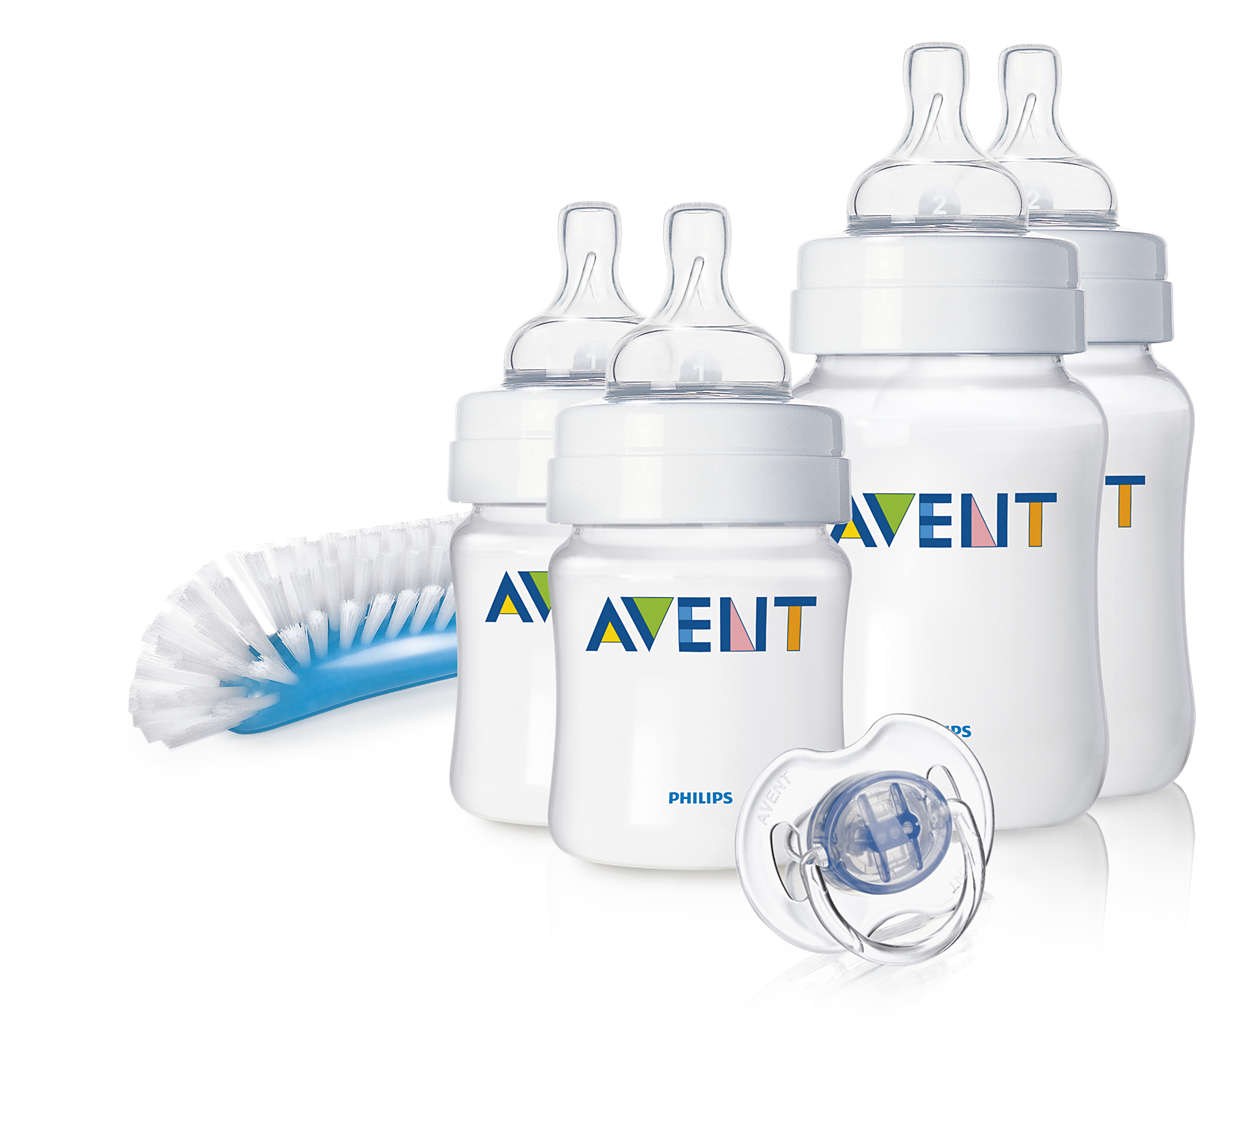 Segít a csecsemő megnyugtatásában, különösen éjszaka*